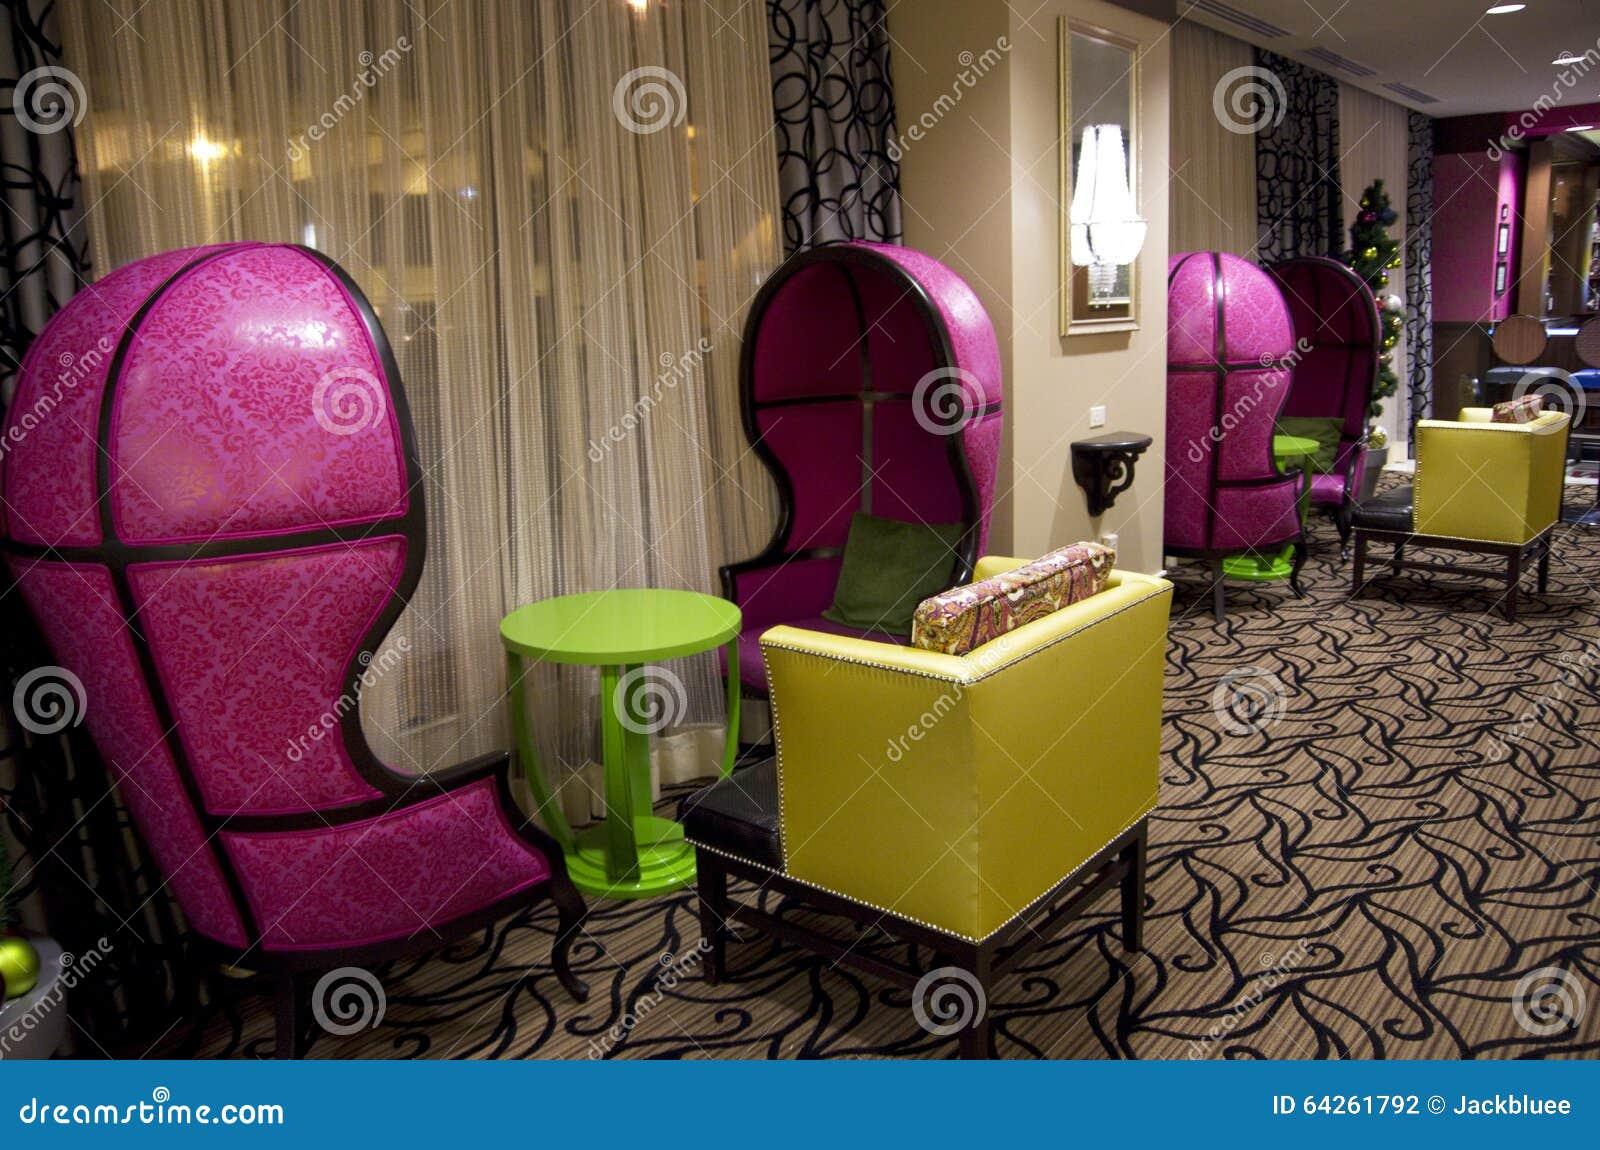 Muebles Cuento De Hadas - Muebles Del Cuento De Hadas En Hotel Fotograf A Editorial Imagen [mjhdah]https://inforchess.com/images/casas-de-munecas/kidkraft/kidkraft-mansion-cuento-de-hadas-65878-001.jpg